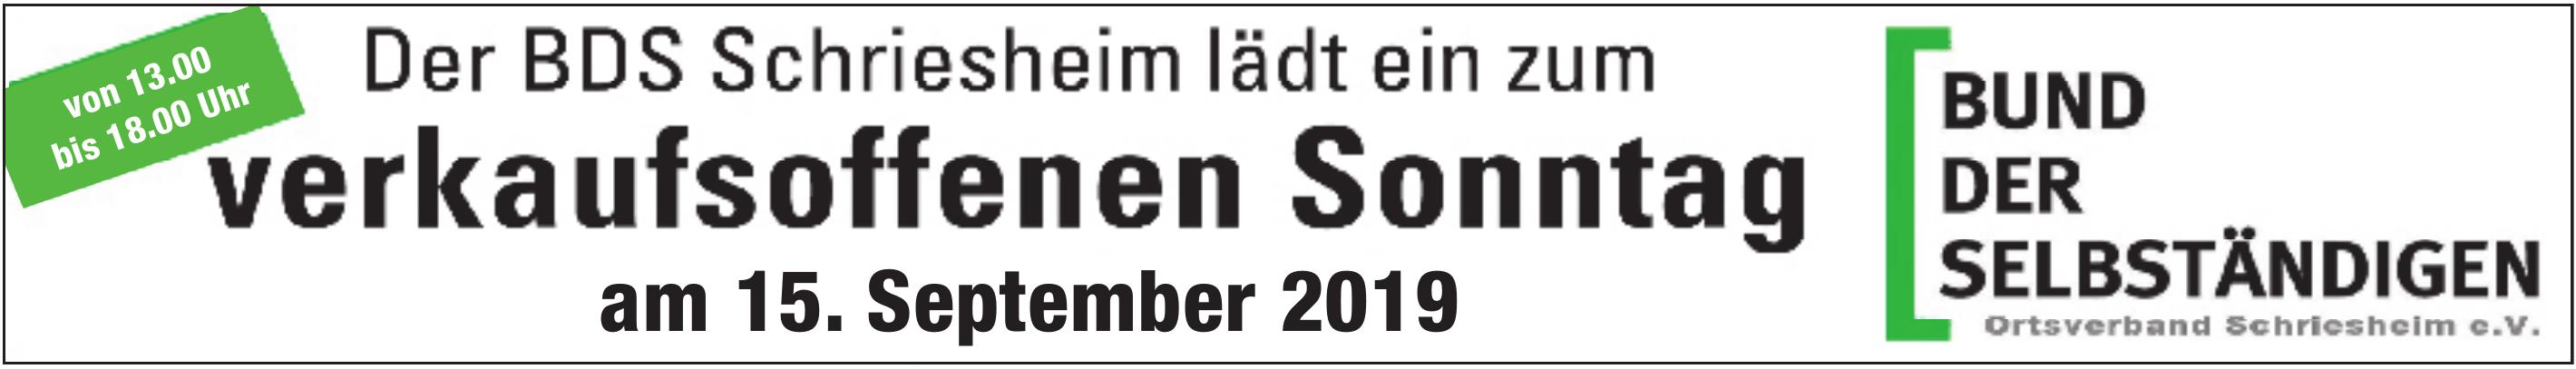 Bund der Selbständigen Ortsverband Schriesheim e.V.